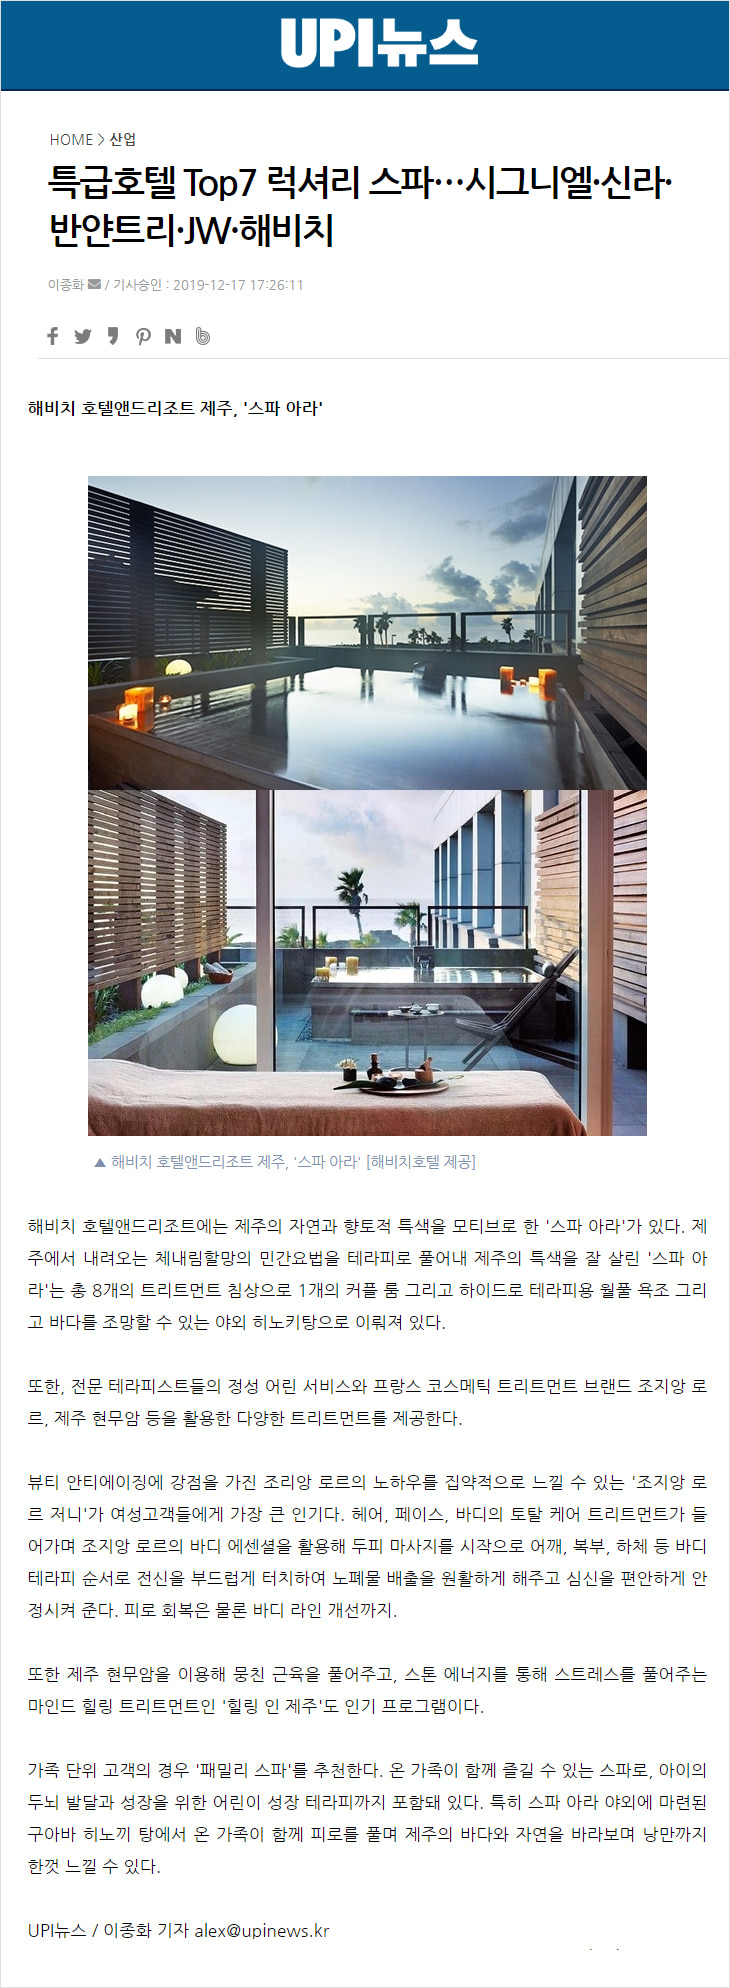 2017 bi 매거진 9월호 광고